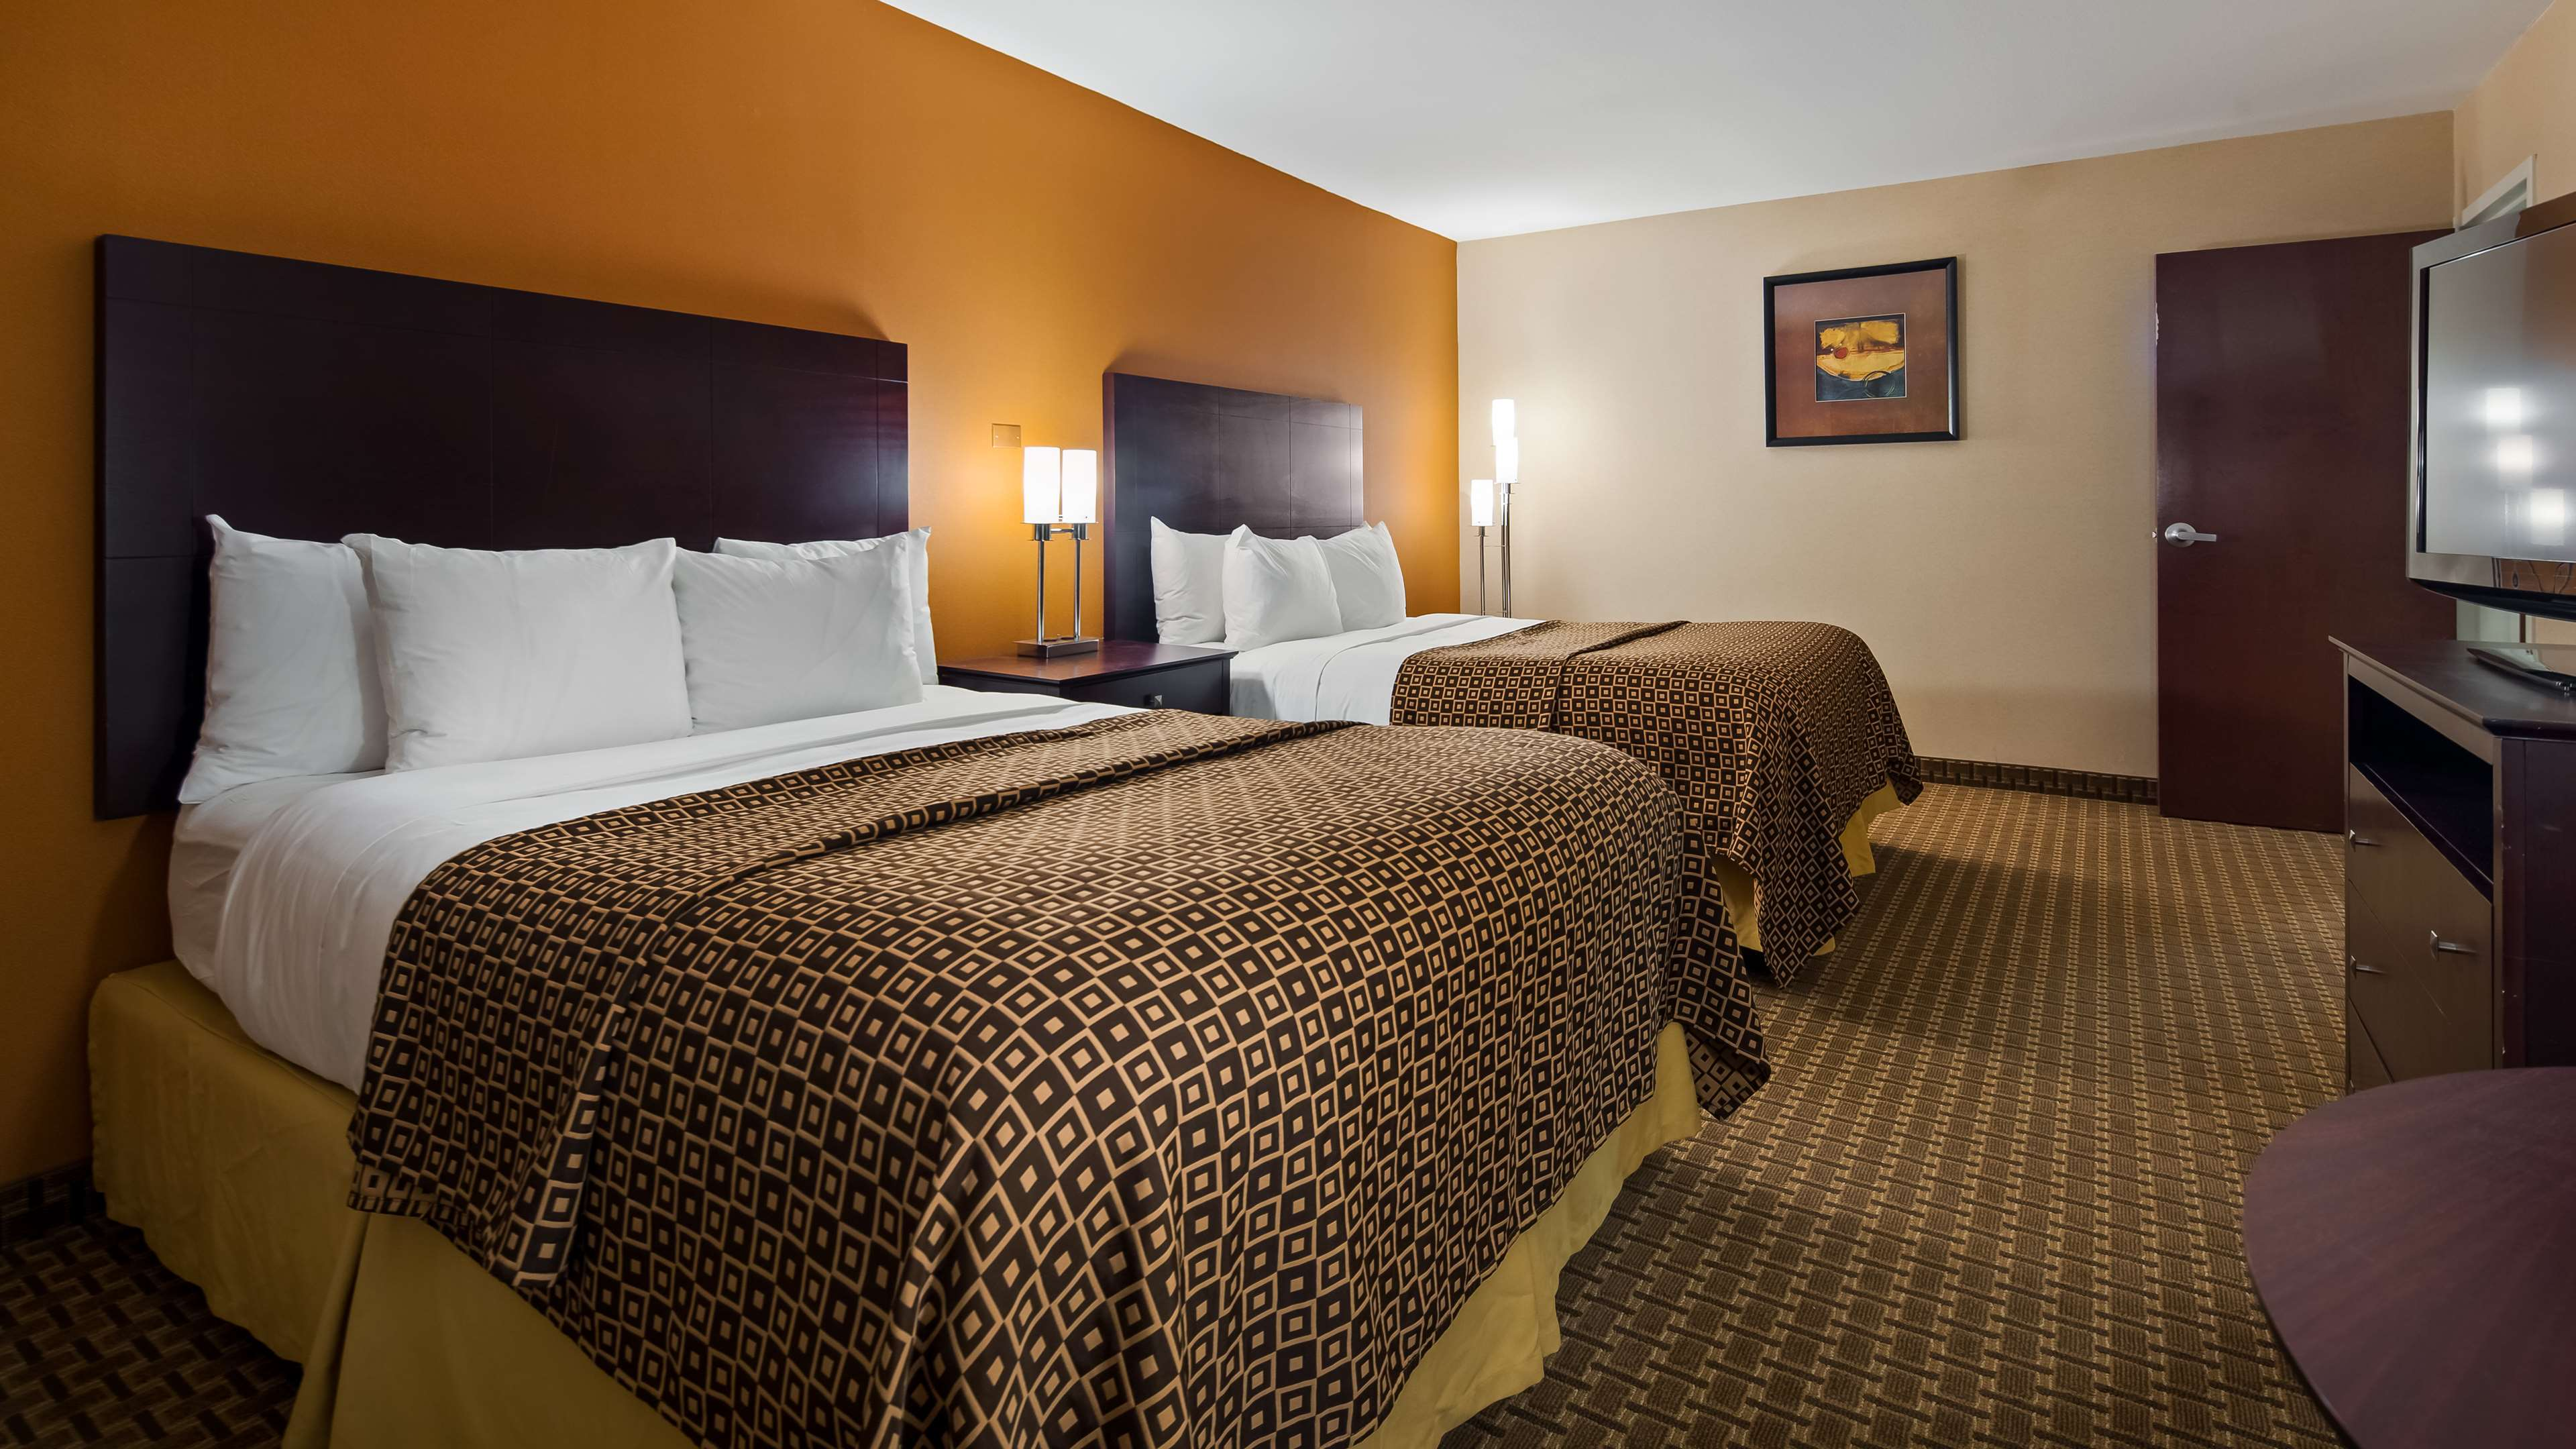 Best Western Concord Inn & Suites image 12